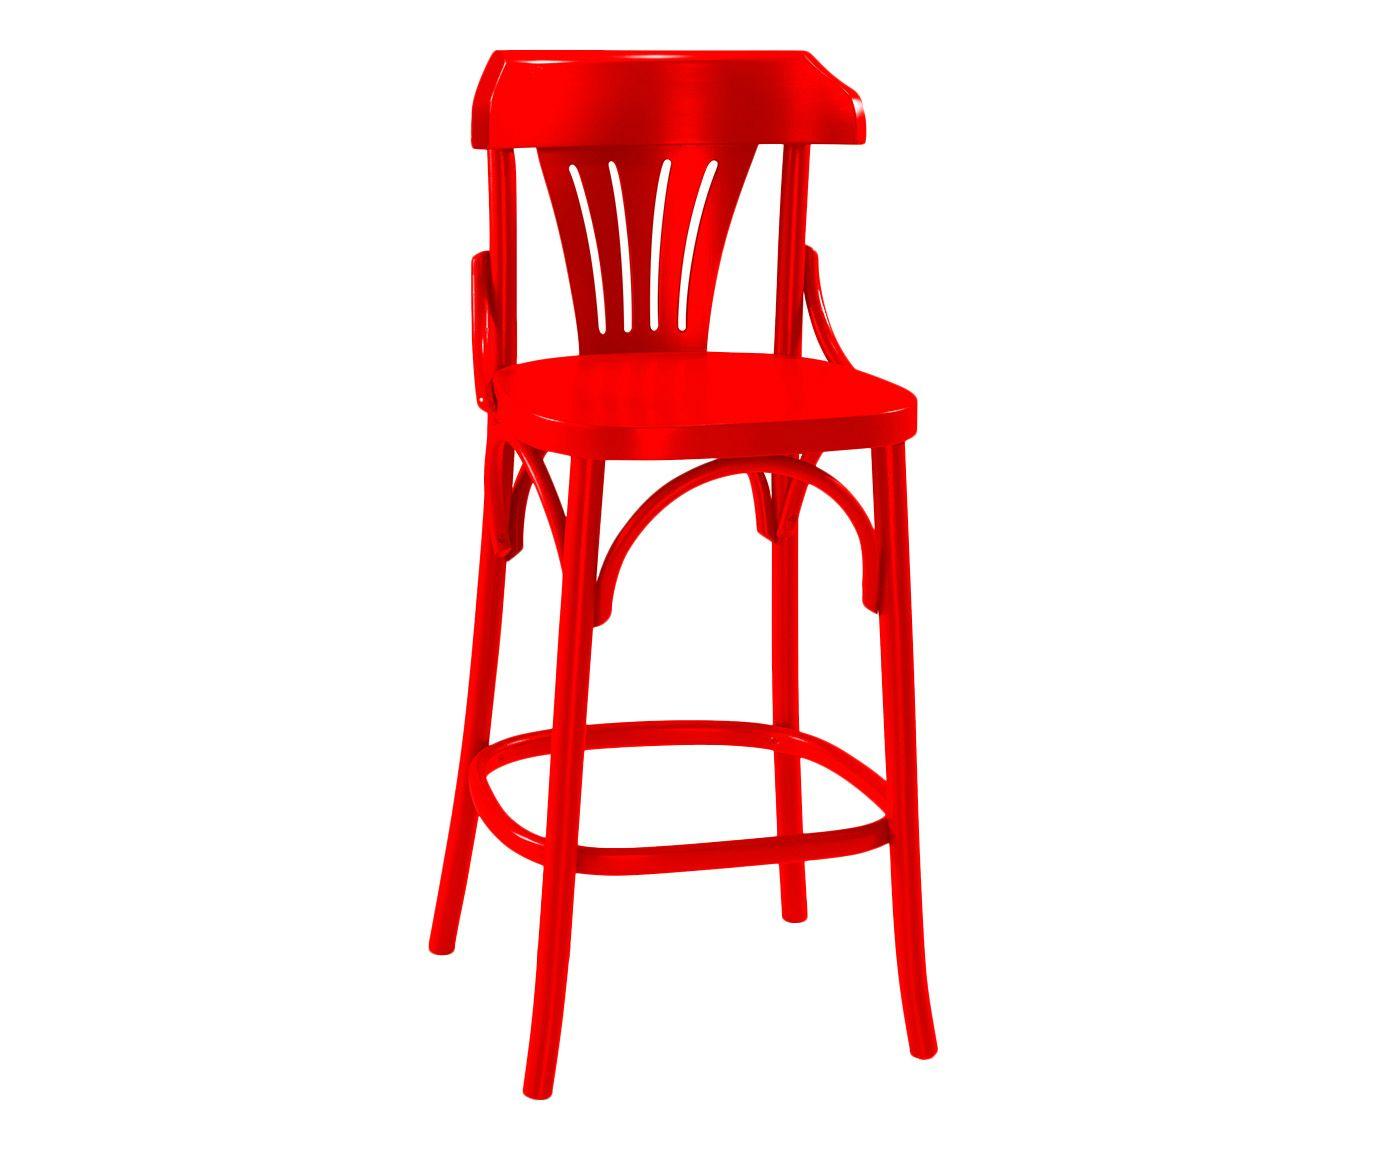 Banqueta Opzione - Vermelha   Westwing.com.br